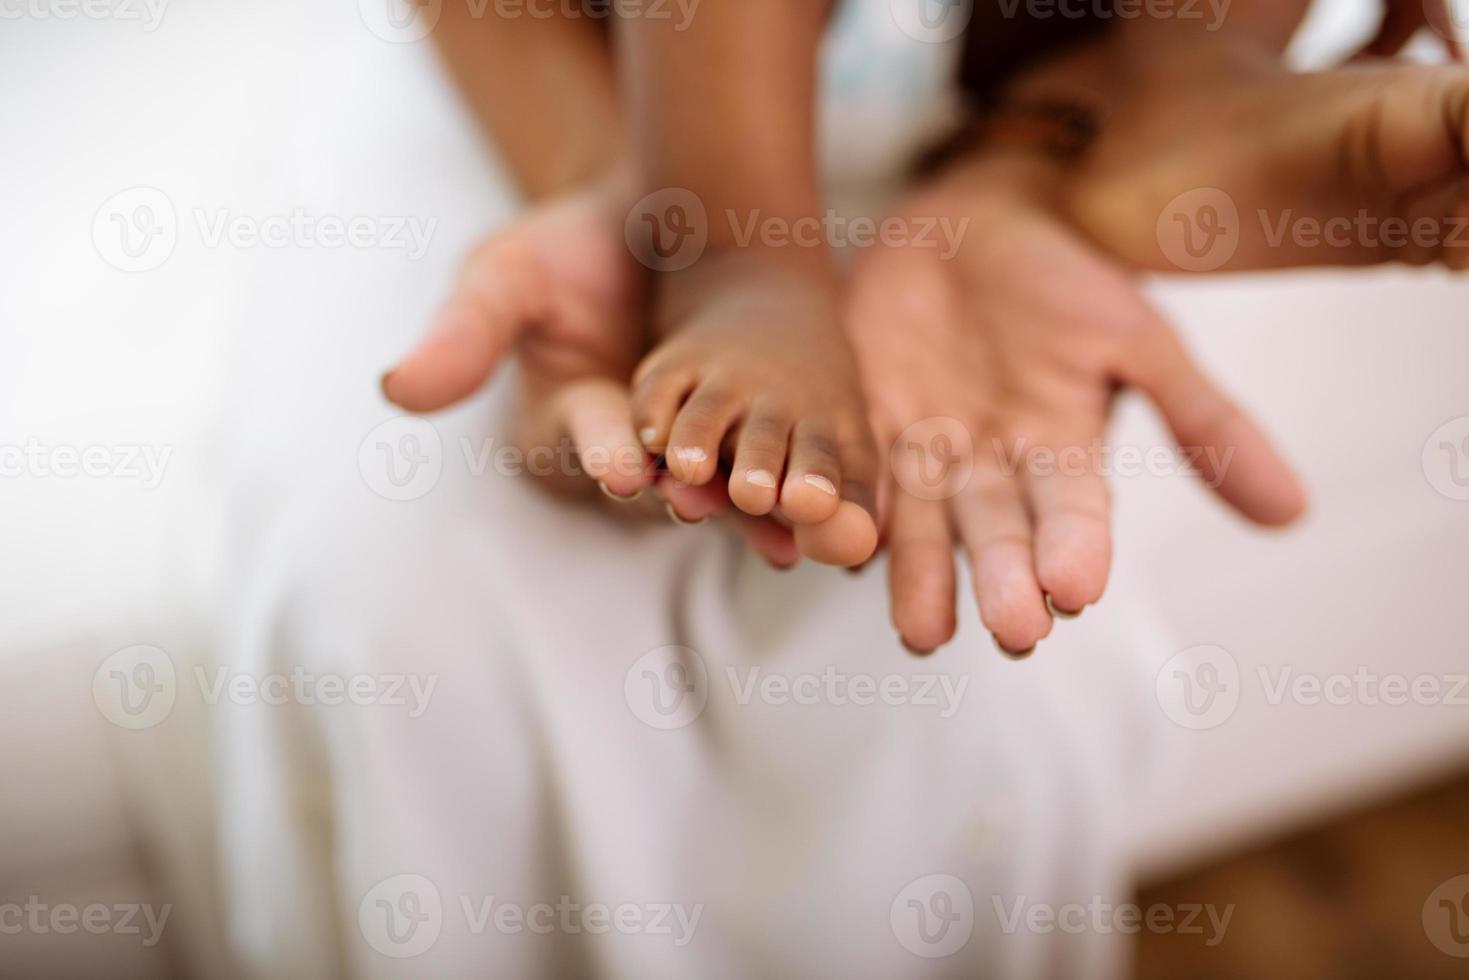 familie, liefde en zorgconcept foto